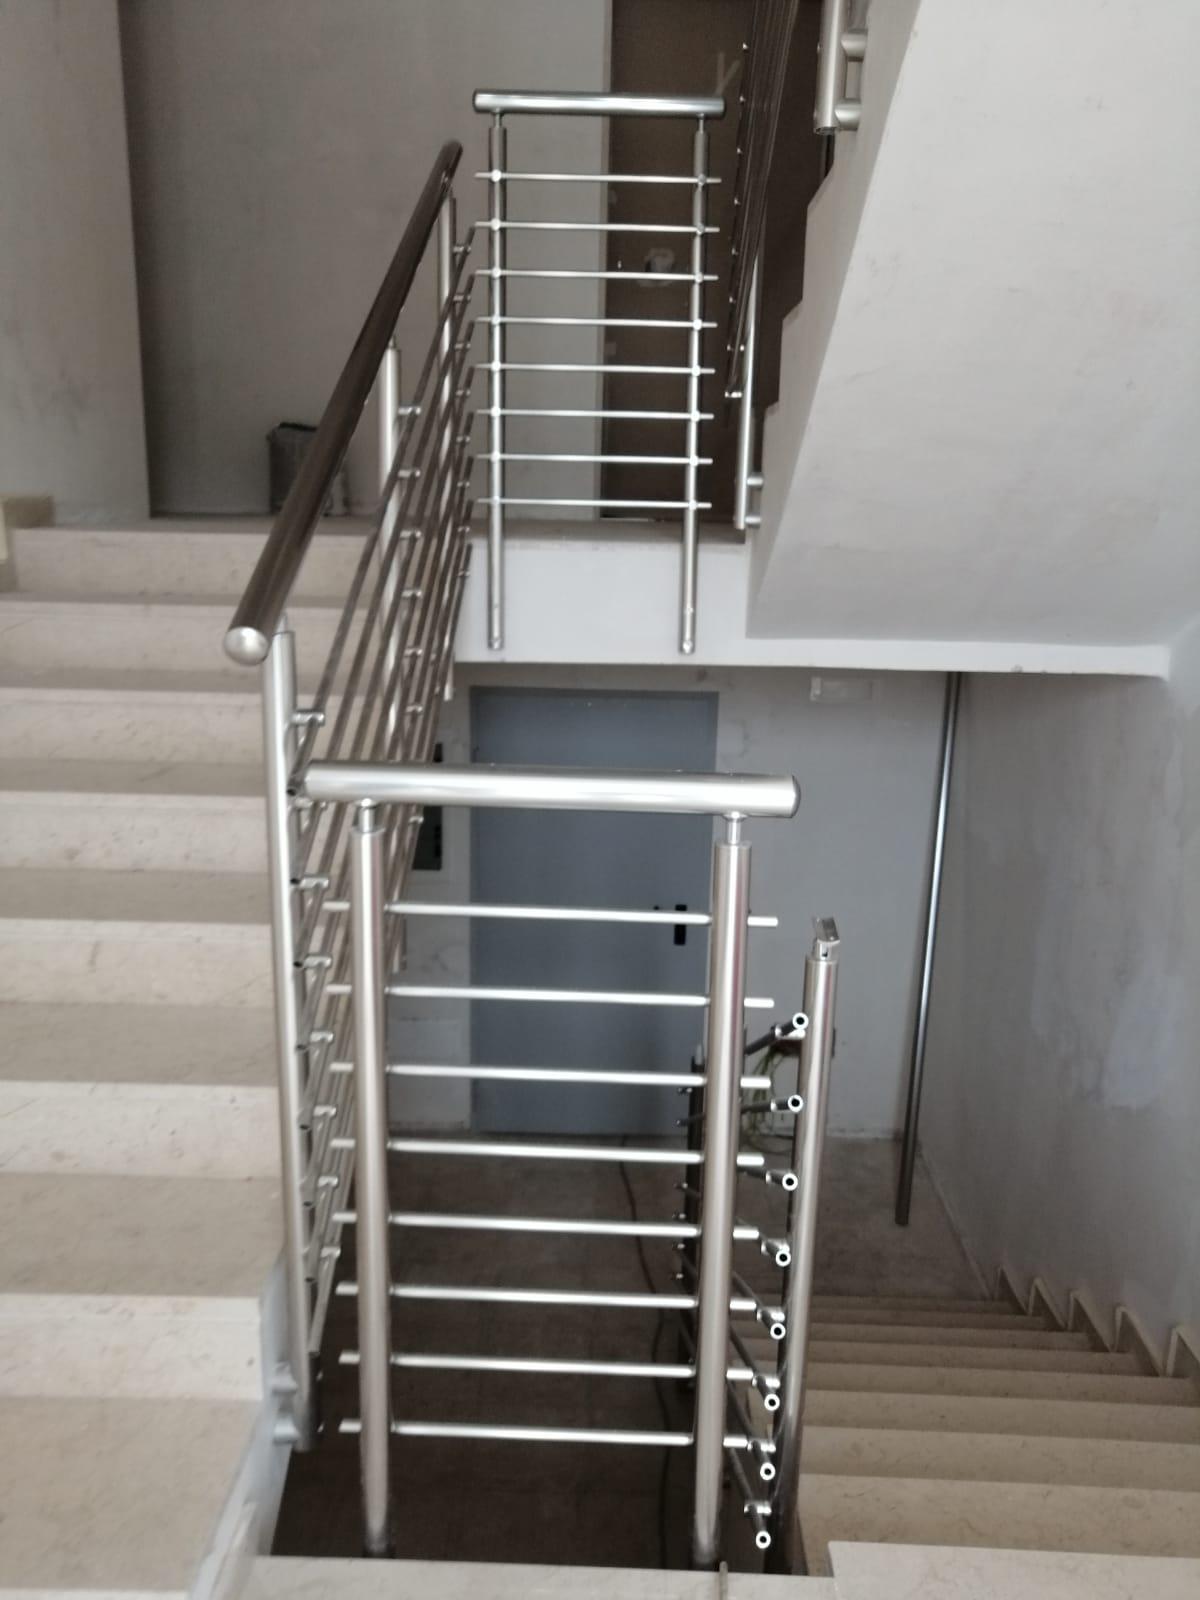 Ringhiera per scale interne condominio - Bari, Brindisi e in Puglia. - 6